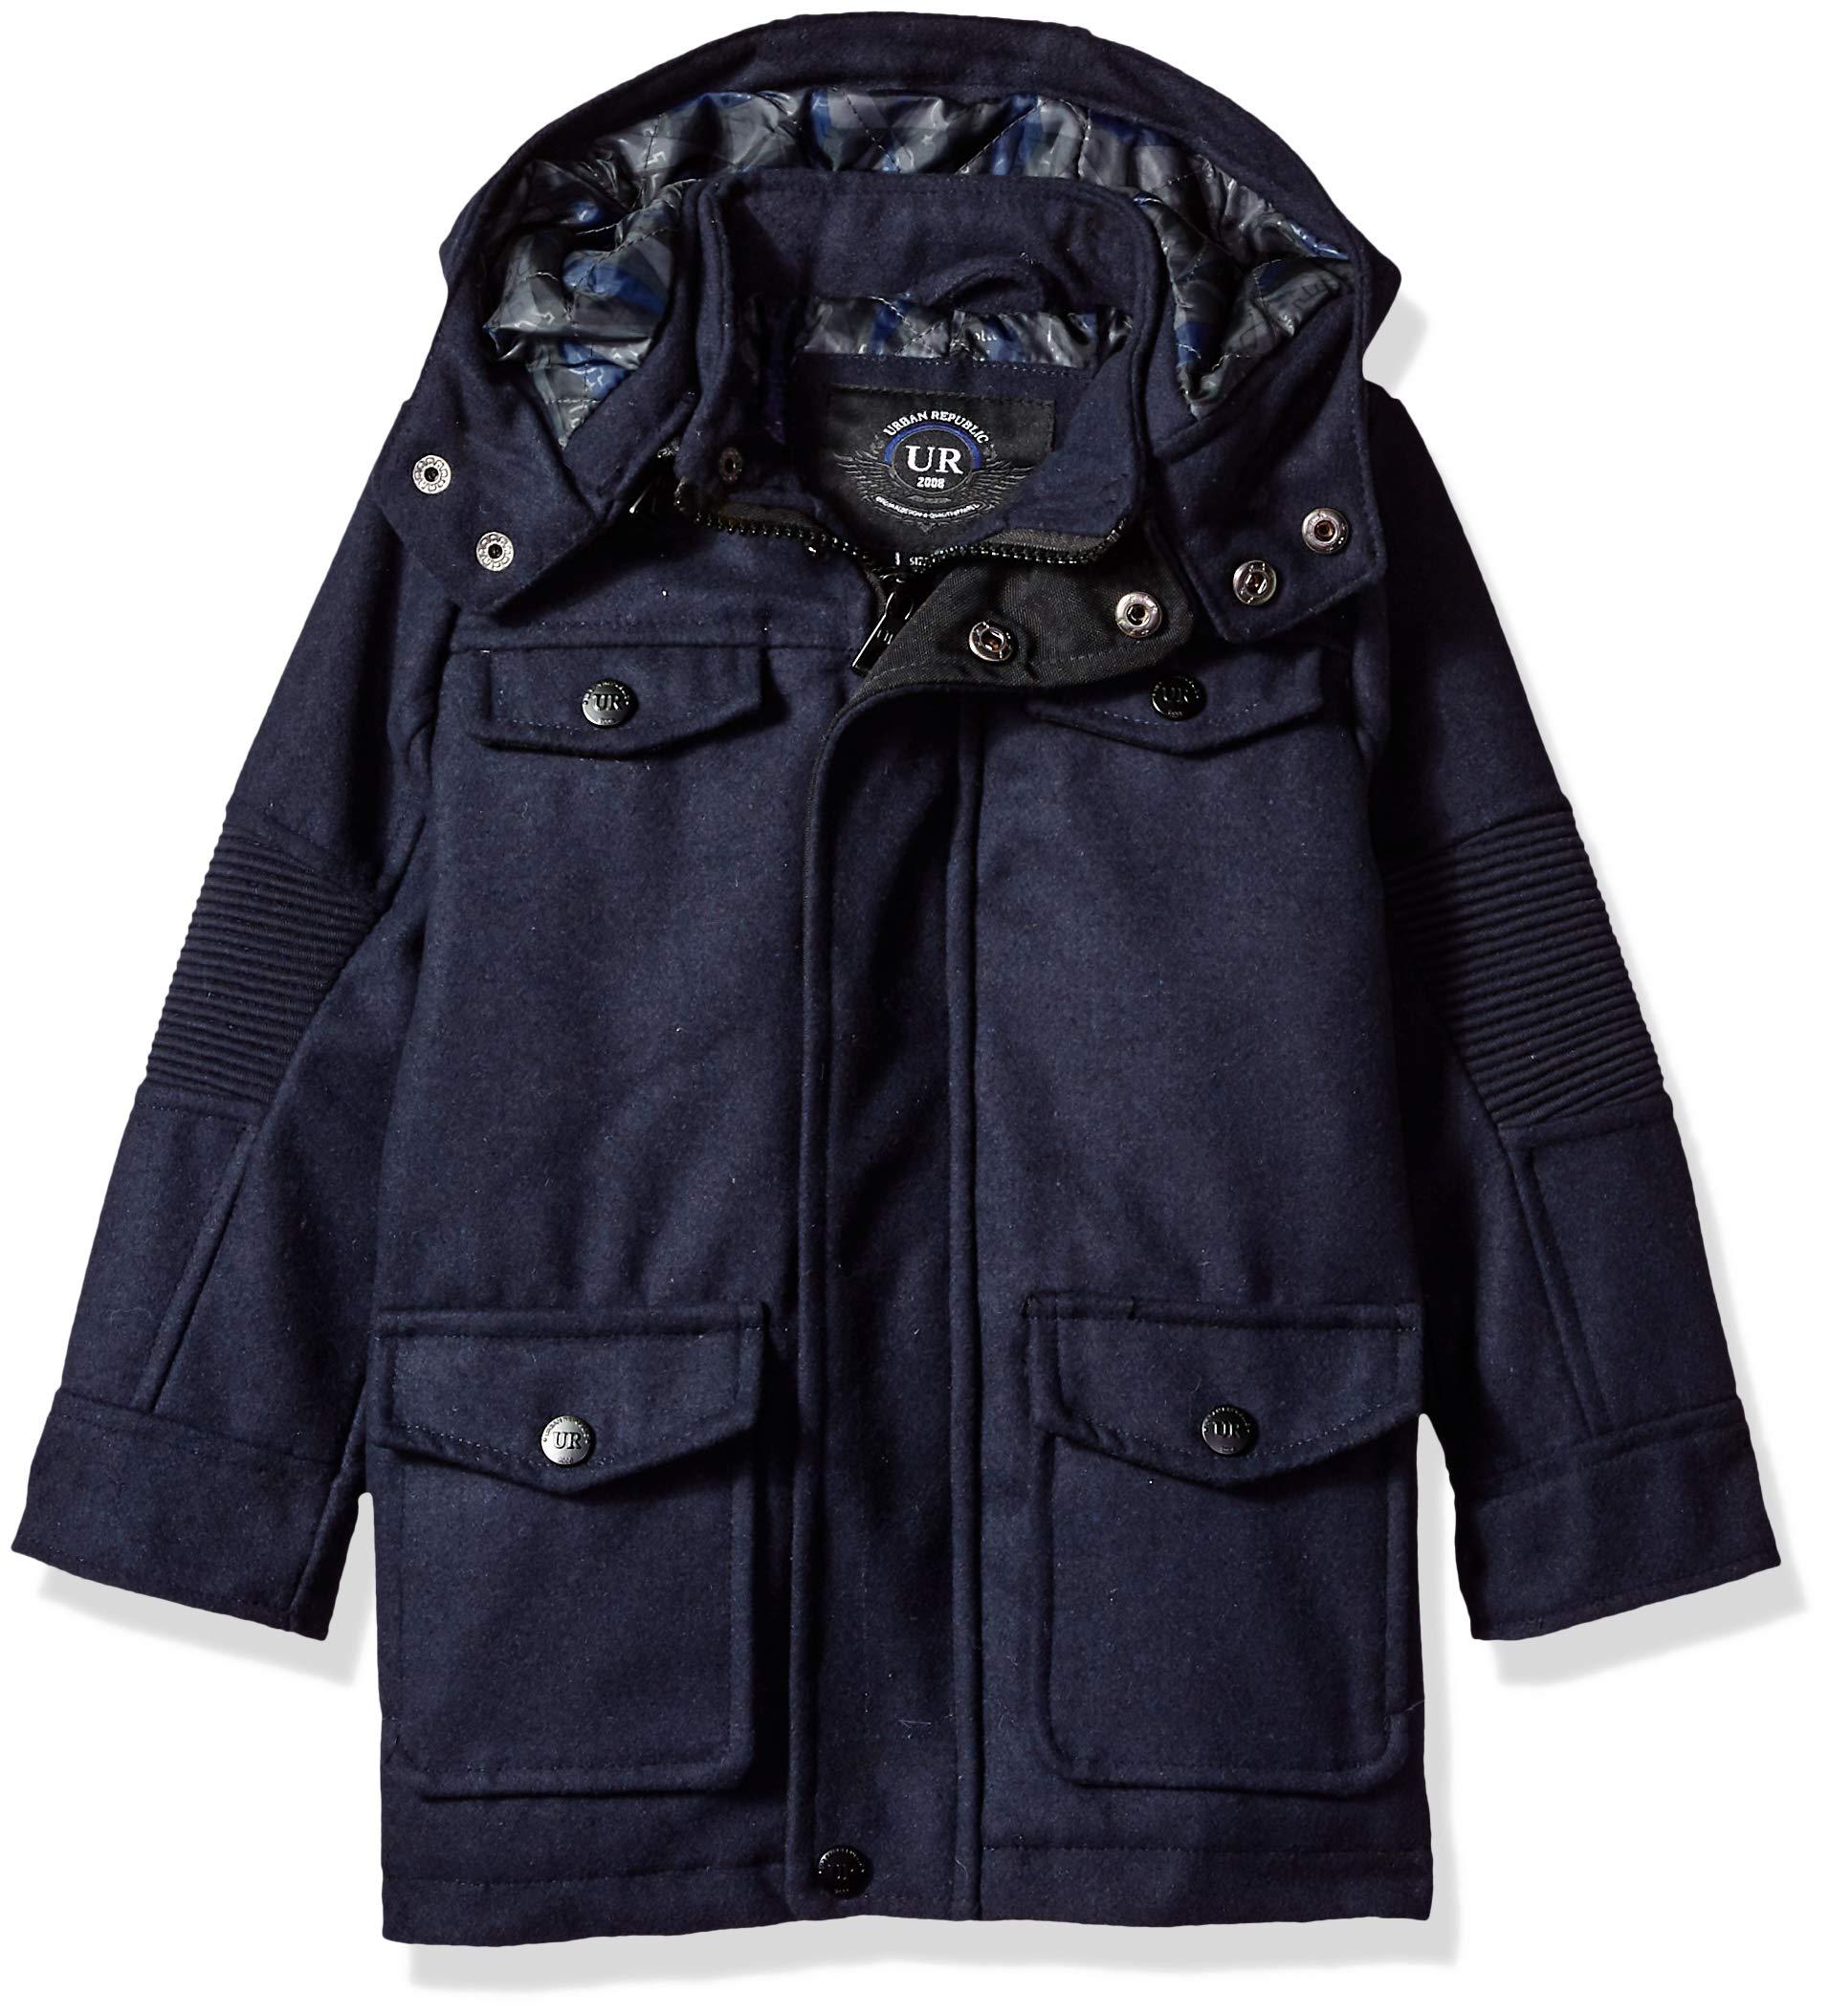 Urban Republic Little Boys Wool Jacket, Navy, 5/6